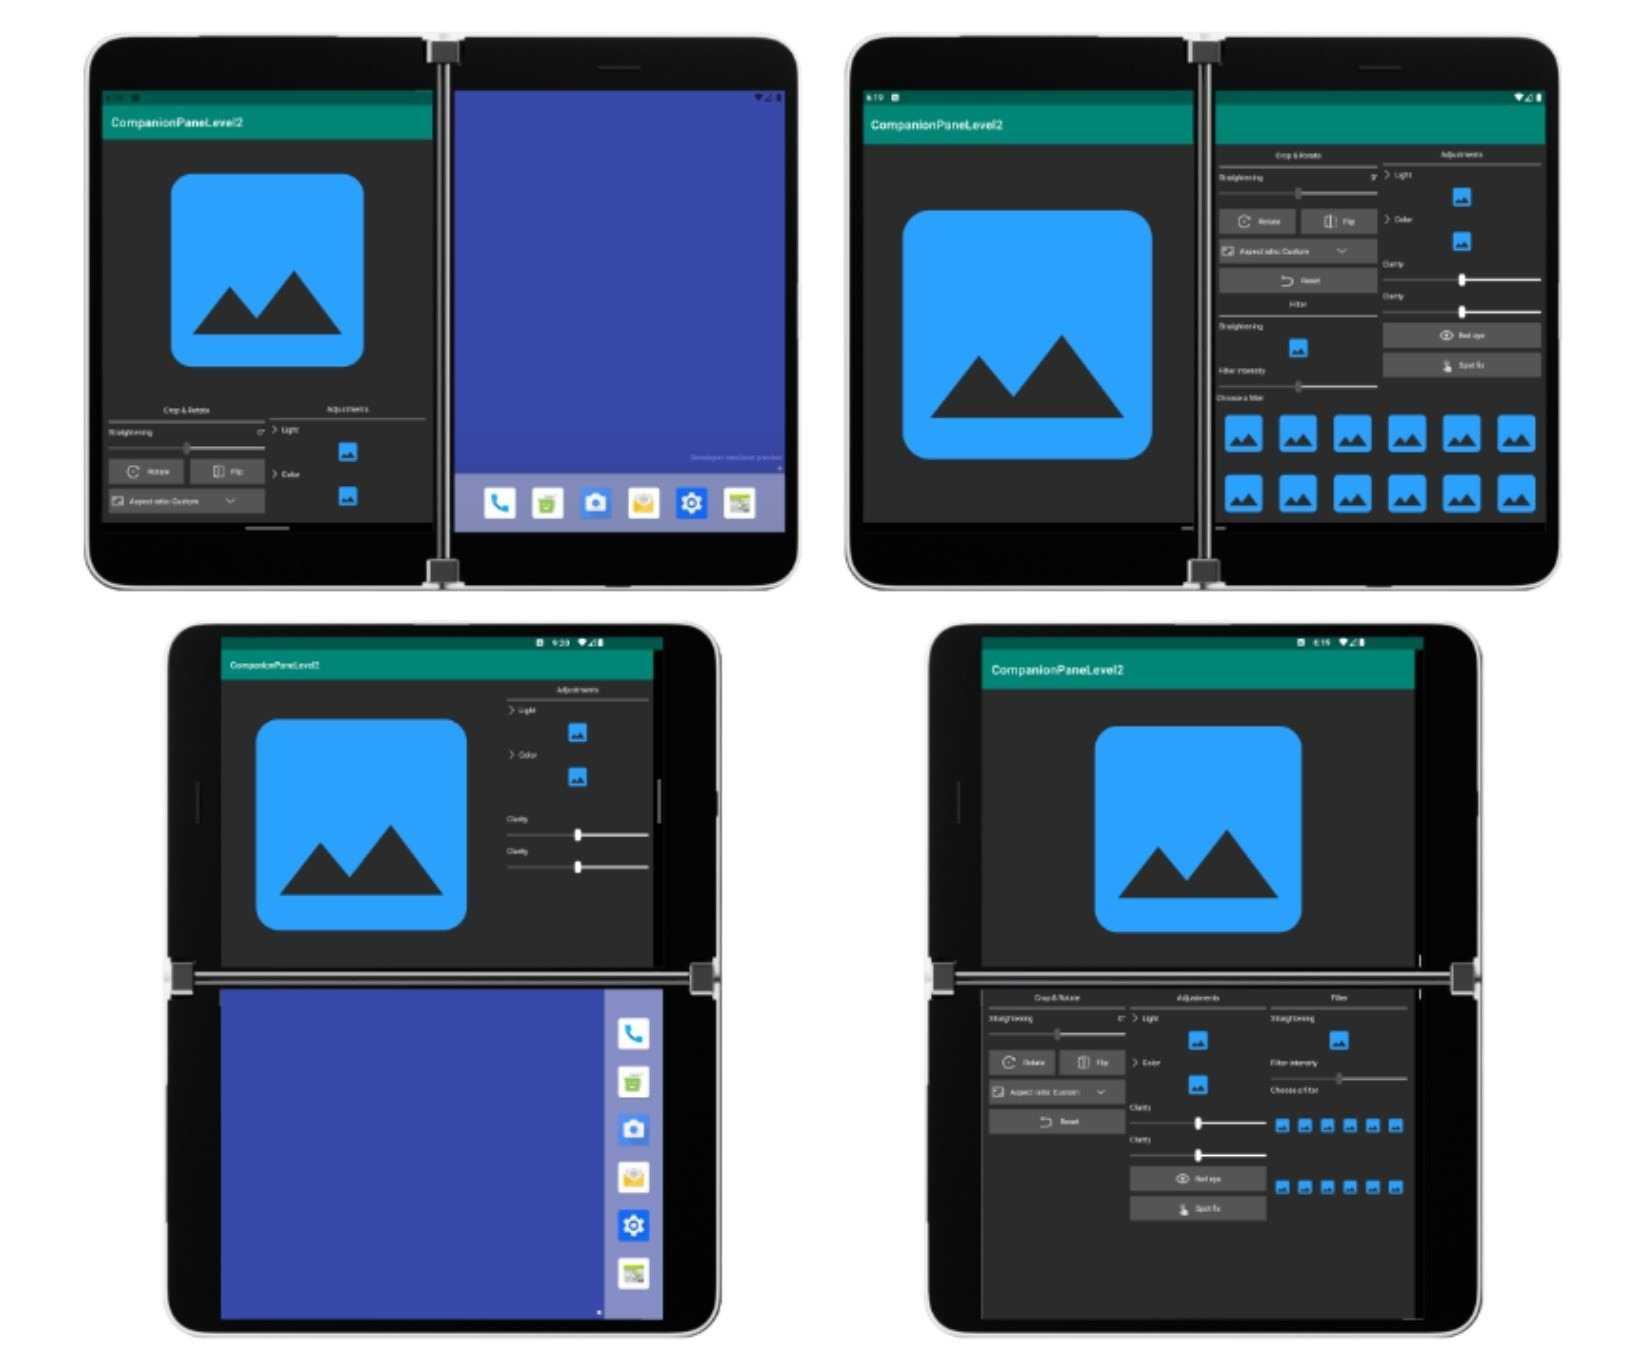 Microsoft surface duo представлен почти официально. хорошая попытка, но нет!